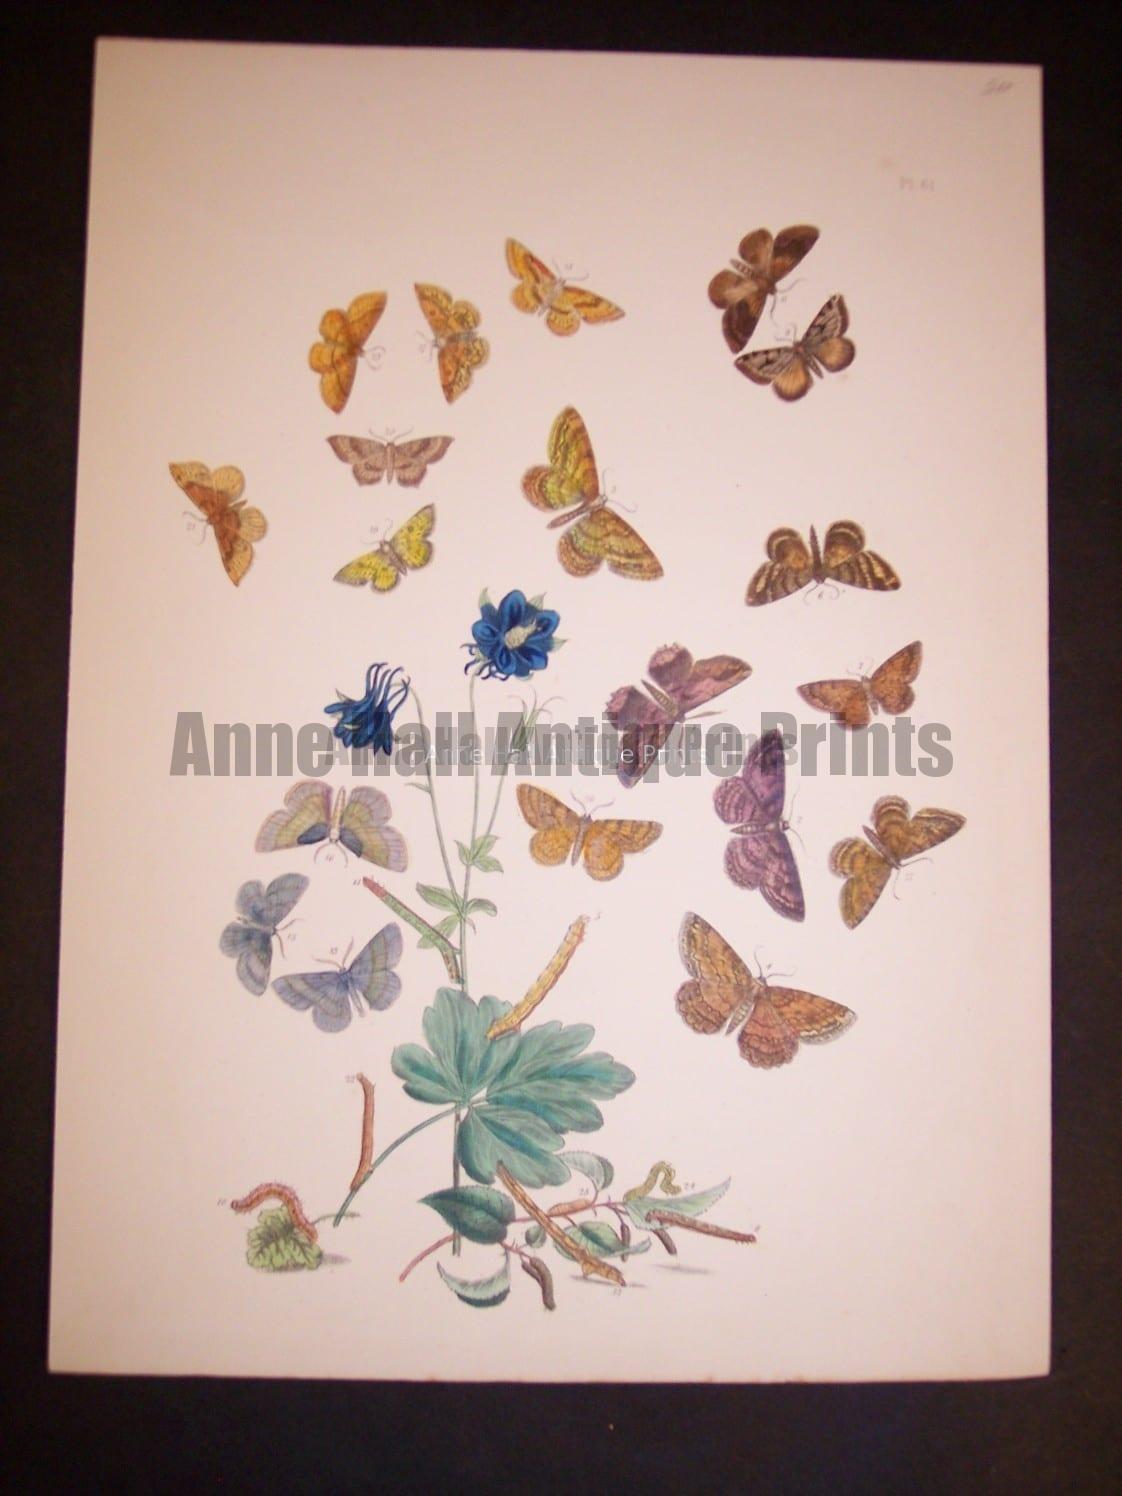 Humphrey Butterflies and Moths PL 61, 1865. $50.